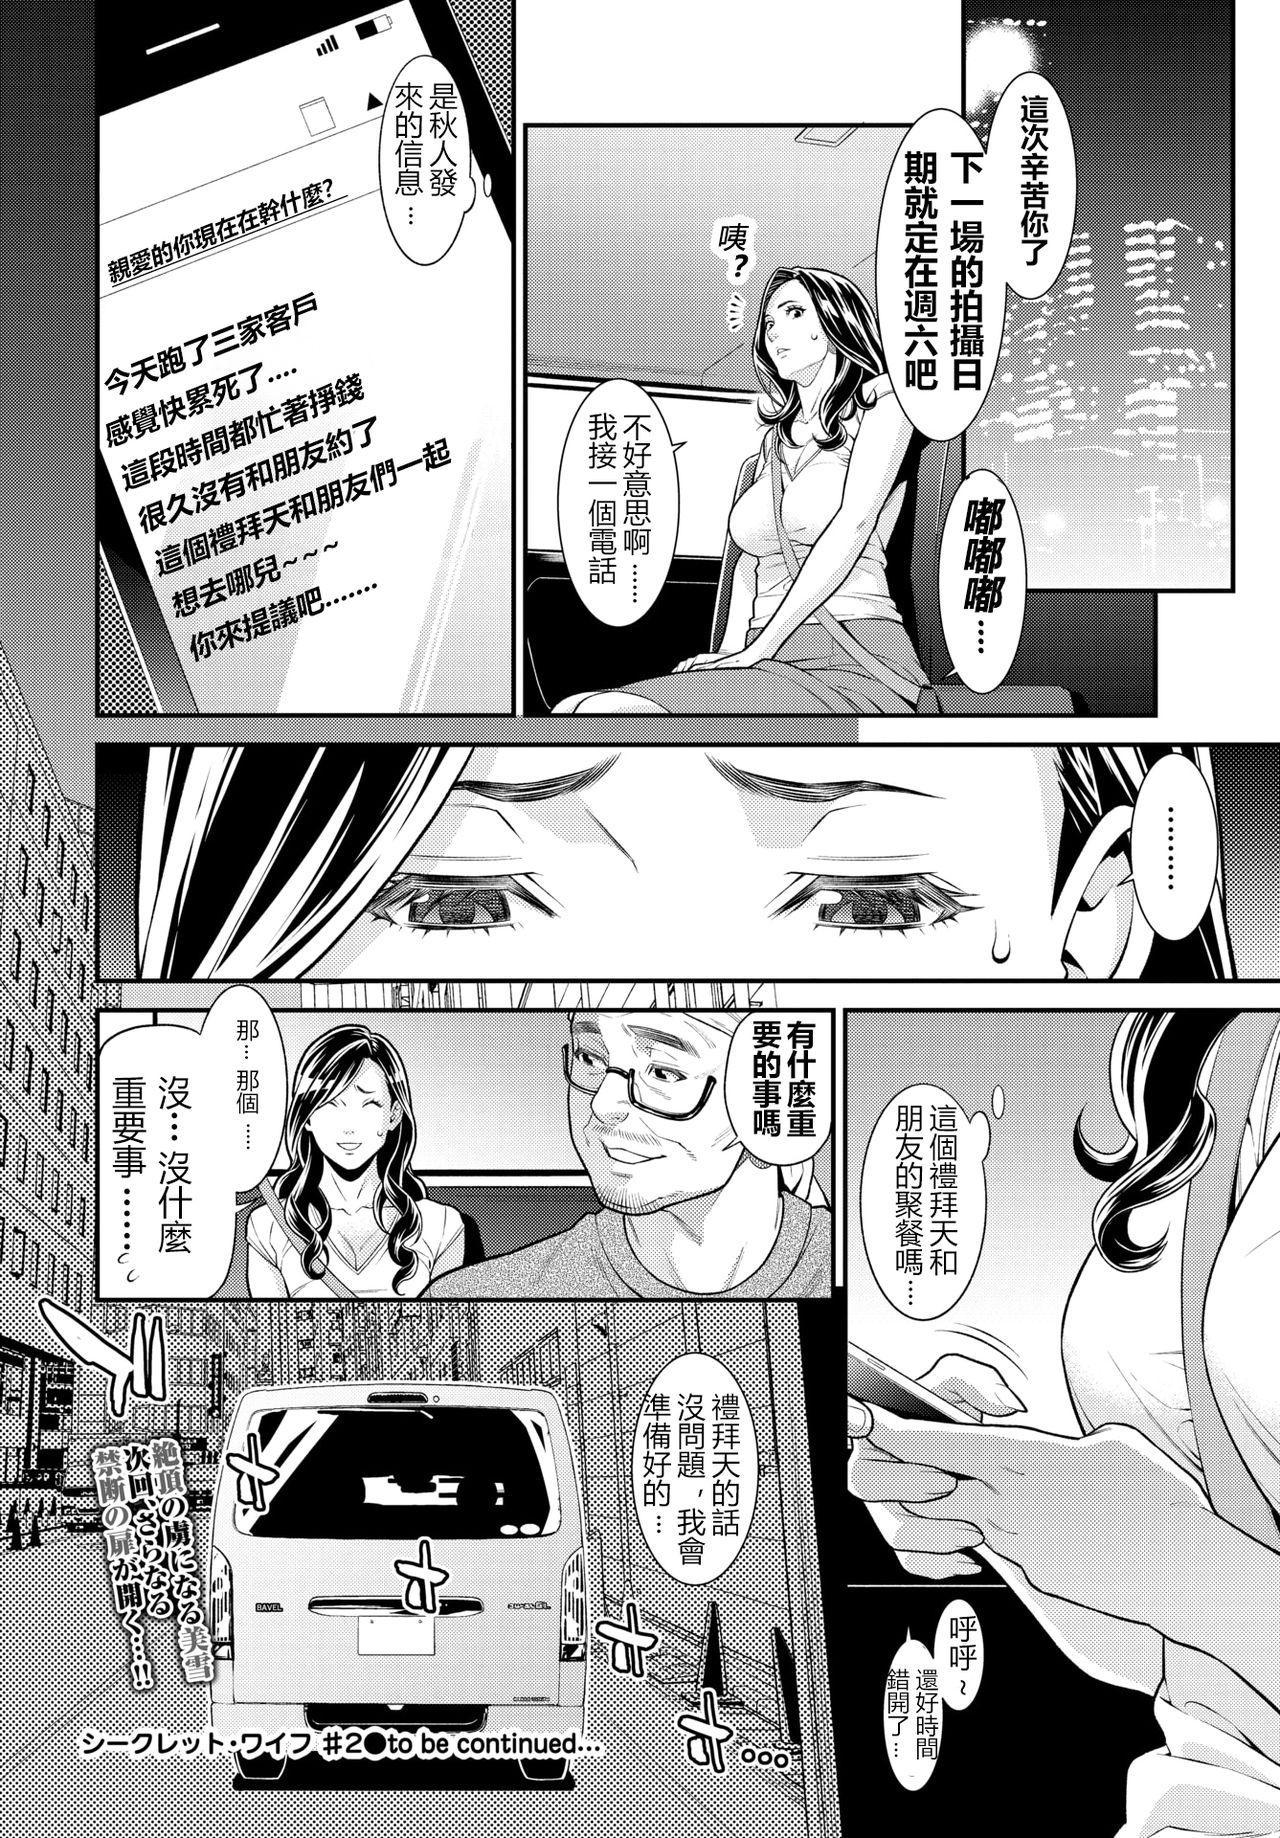 Secret Wife  1-6 40